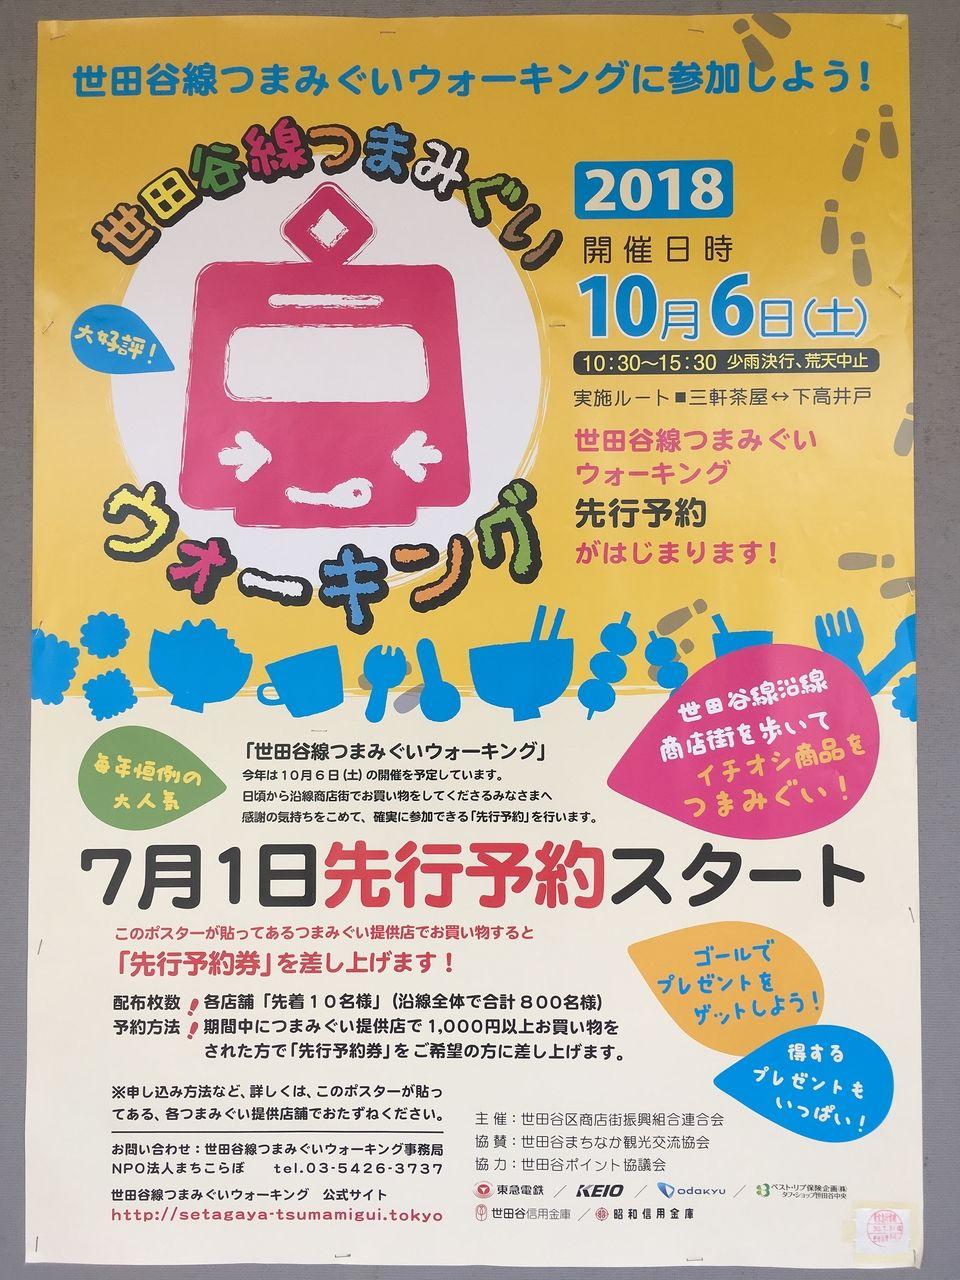 「世田谷つまみぐいウォーキング」2018年10月6日(土)開催!先行予約始まってます!